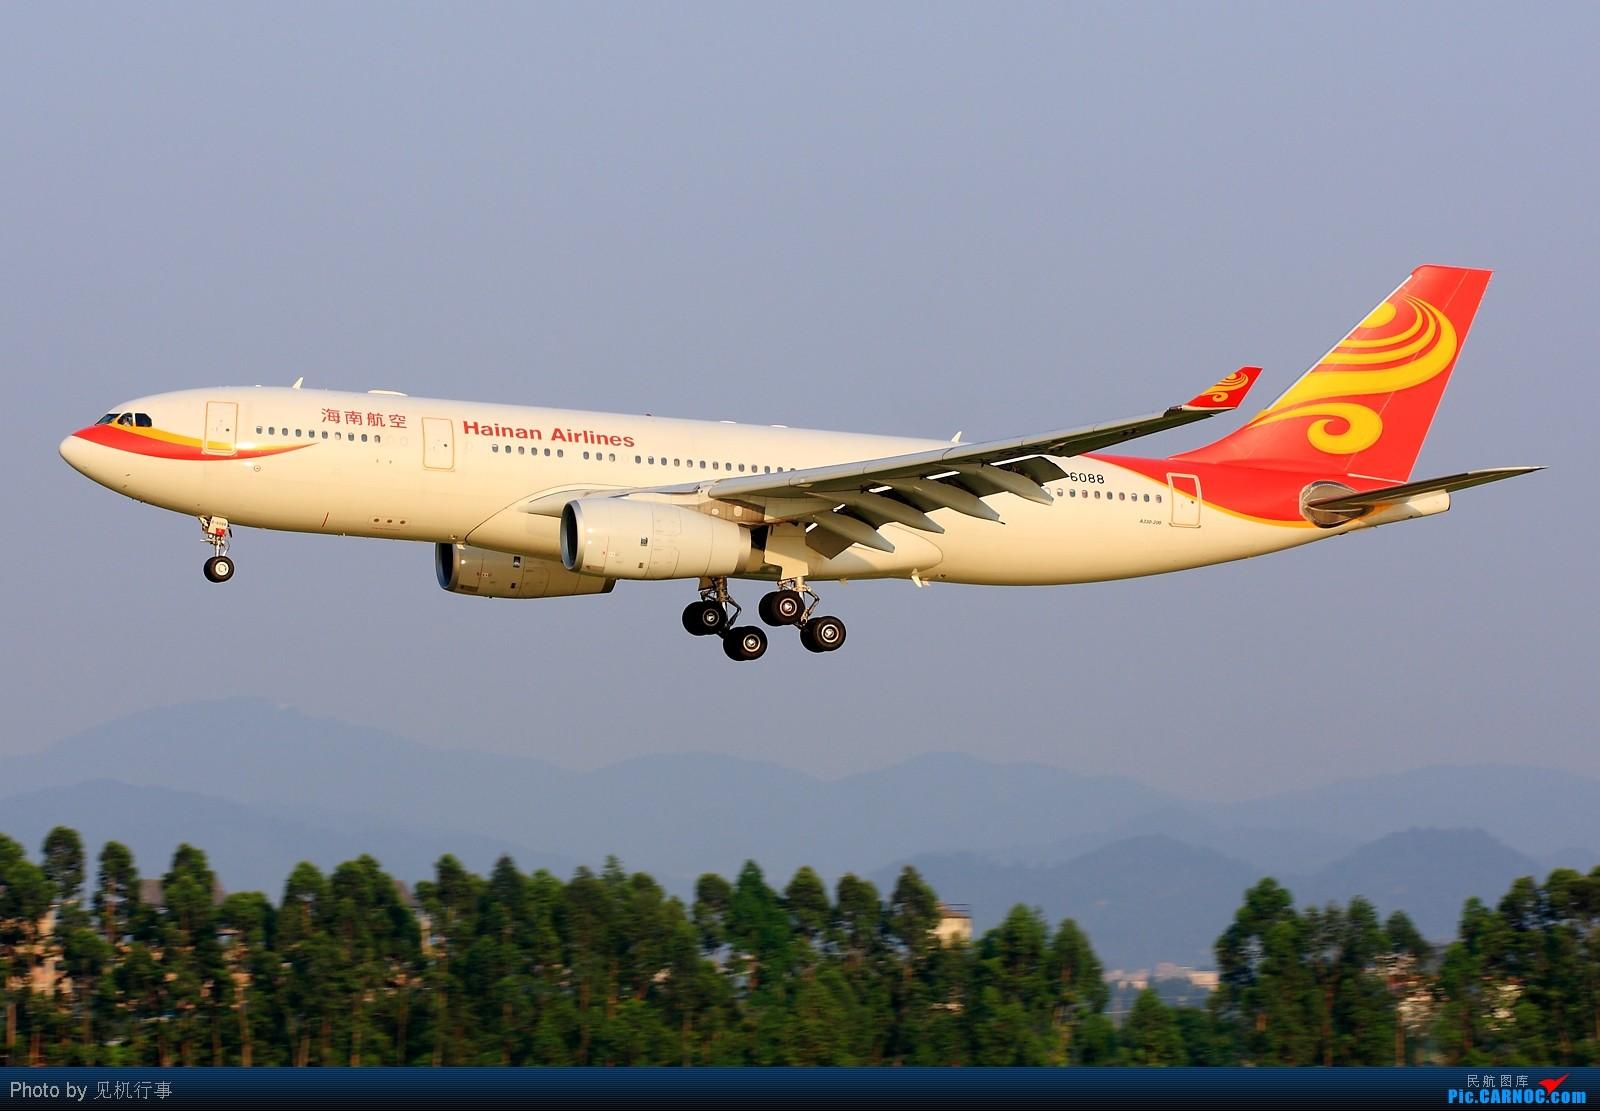 【深圳飞友会】差点给这架飞机忽悠了!还以为是香港航空A330。看它前面是香港航空,看它后面是海南航空。不知道海航在搞什么名堂。 AIRBUS A330-200 B-6088 中国广州白云机场